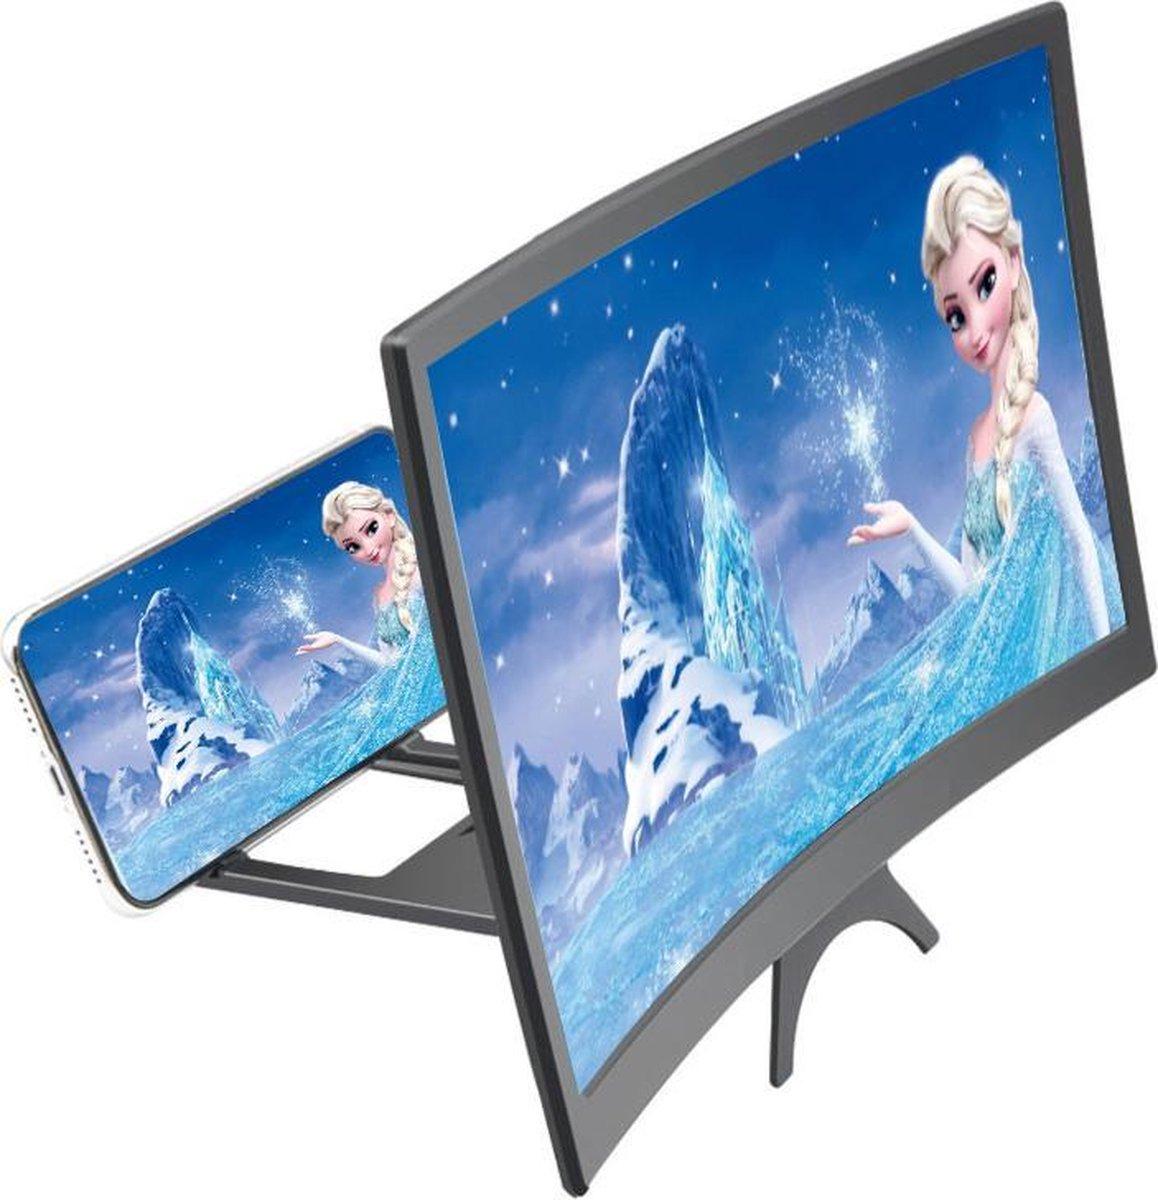 Vergrootglas voor Smartphone - Beeldscherm Vergroter HD - 3D schermvergroter voor Phone - Telefoon V